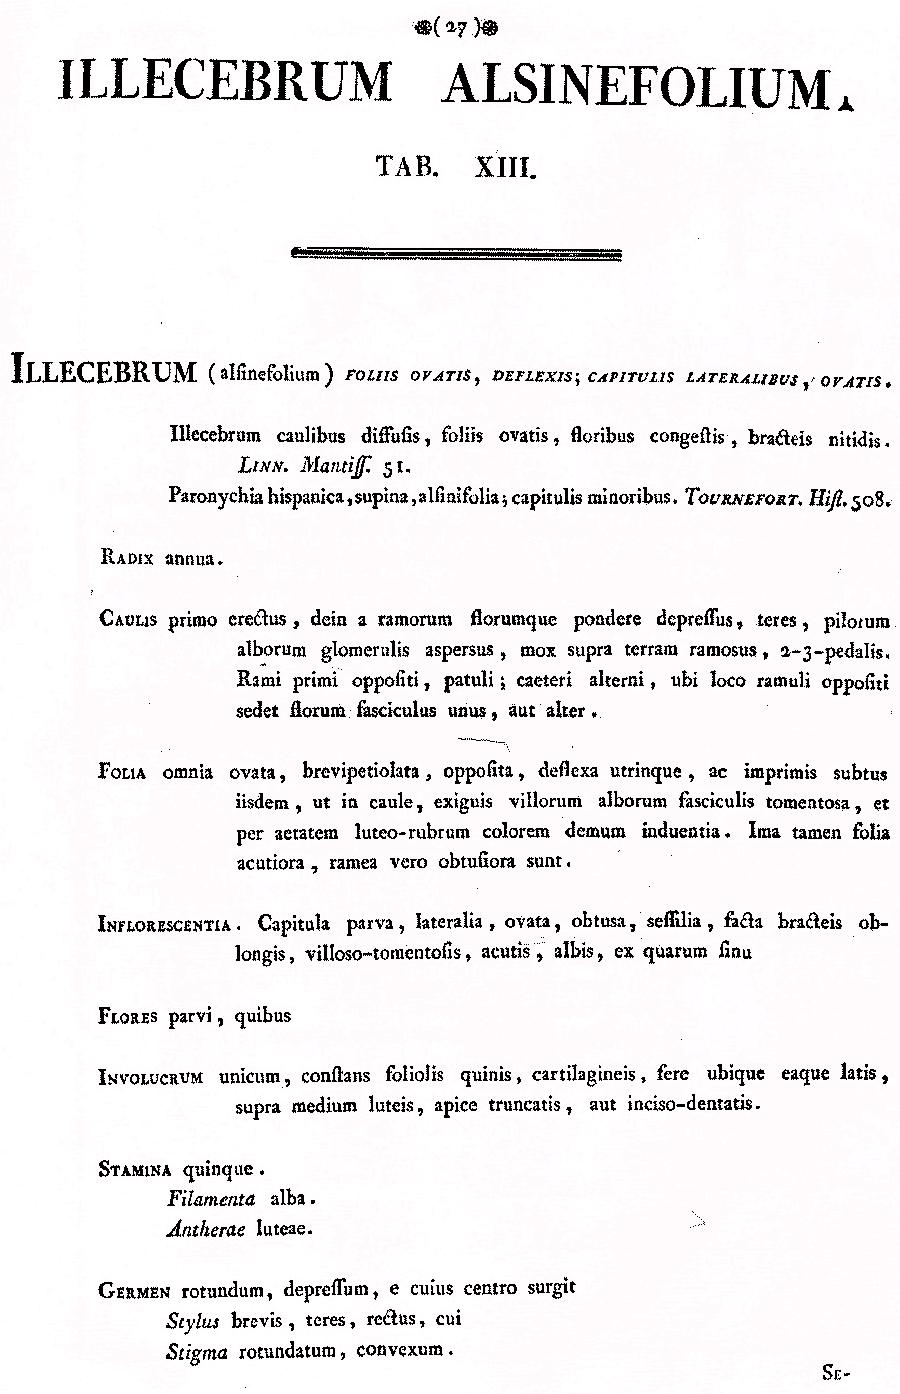 https://forum.plantarium.ru/misc.php?action=pun_attachment&item=27431